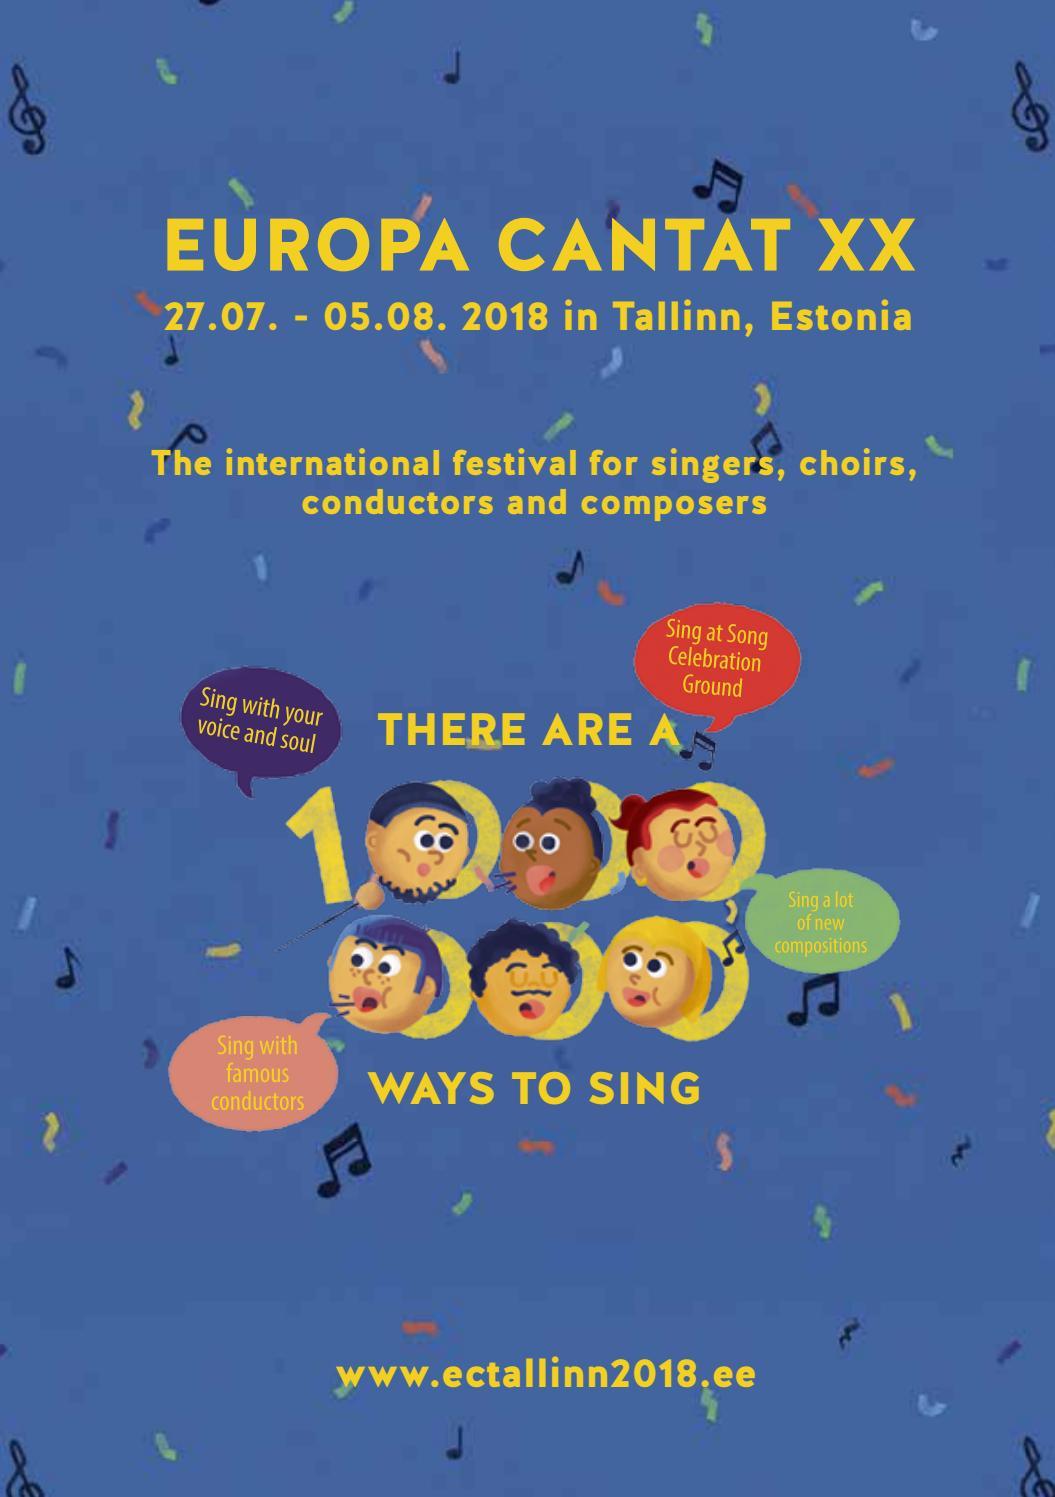 FESTIVAL PROGRAMME BOOKLET: EUROPA CANTAT XX TALLINN by EUROPA CANTAT XX  TALLINN 2018 - issuu